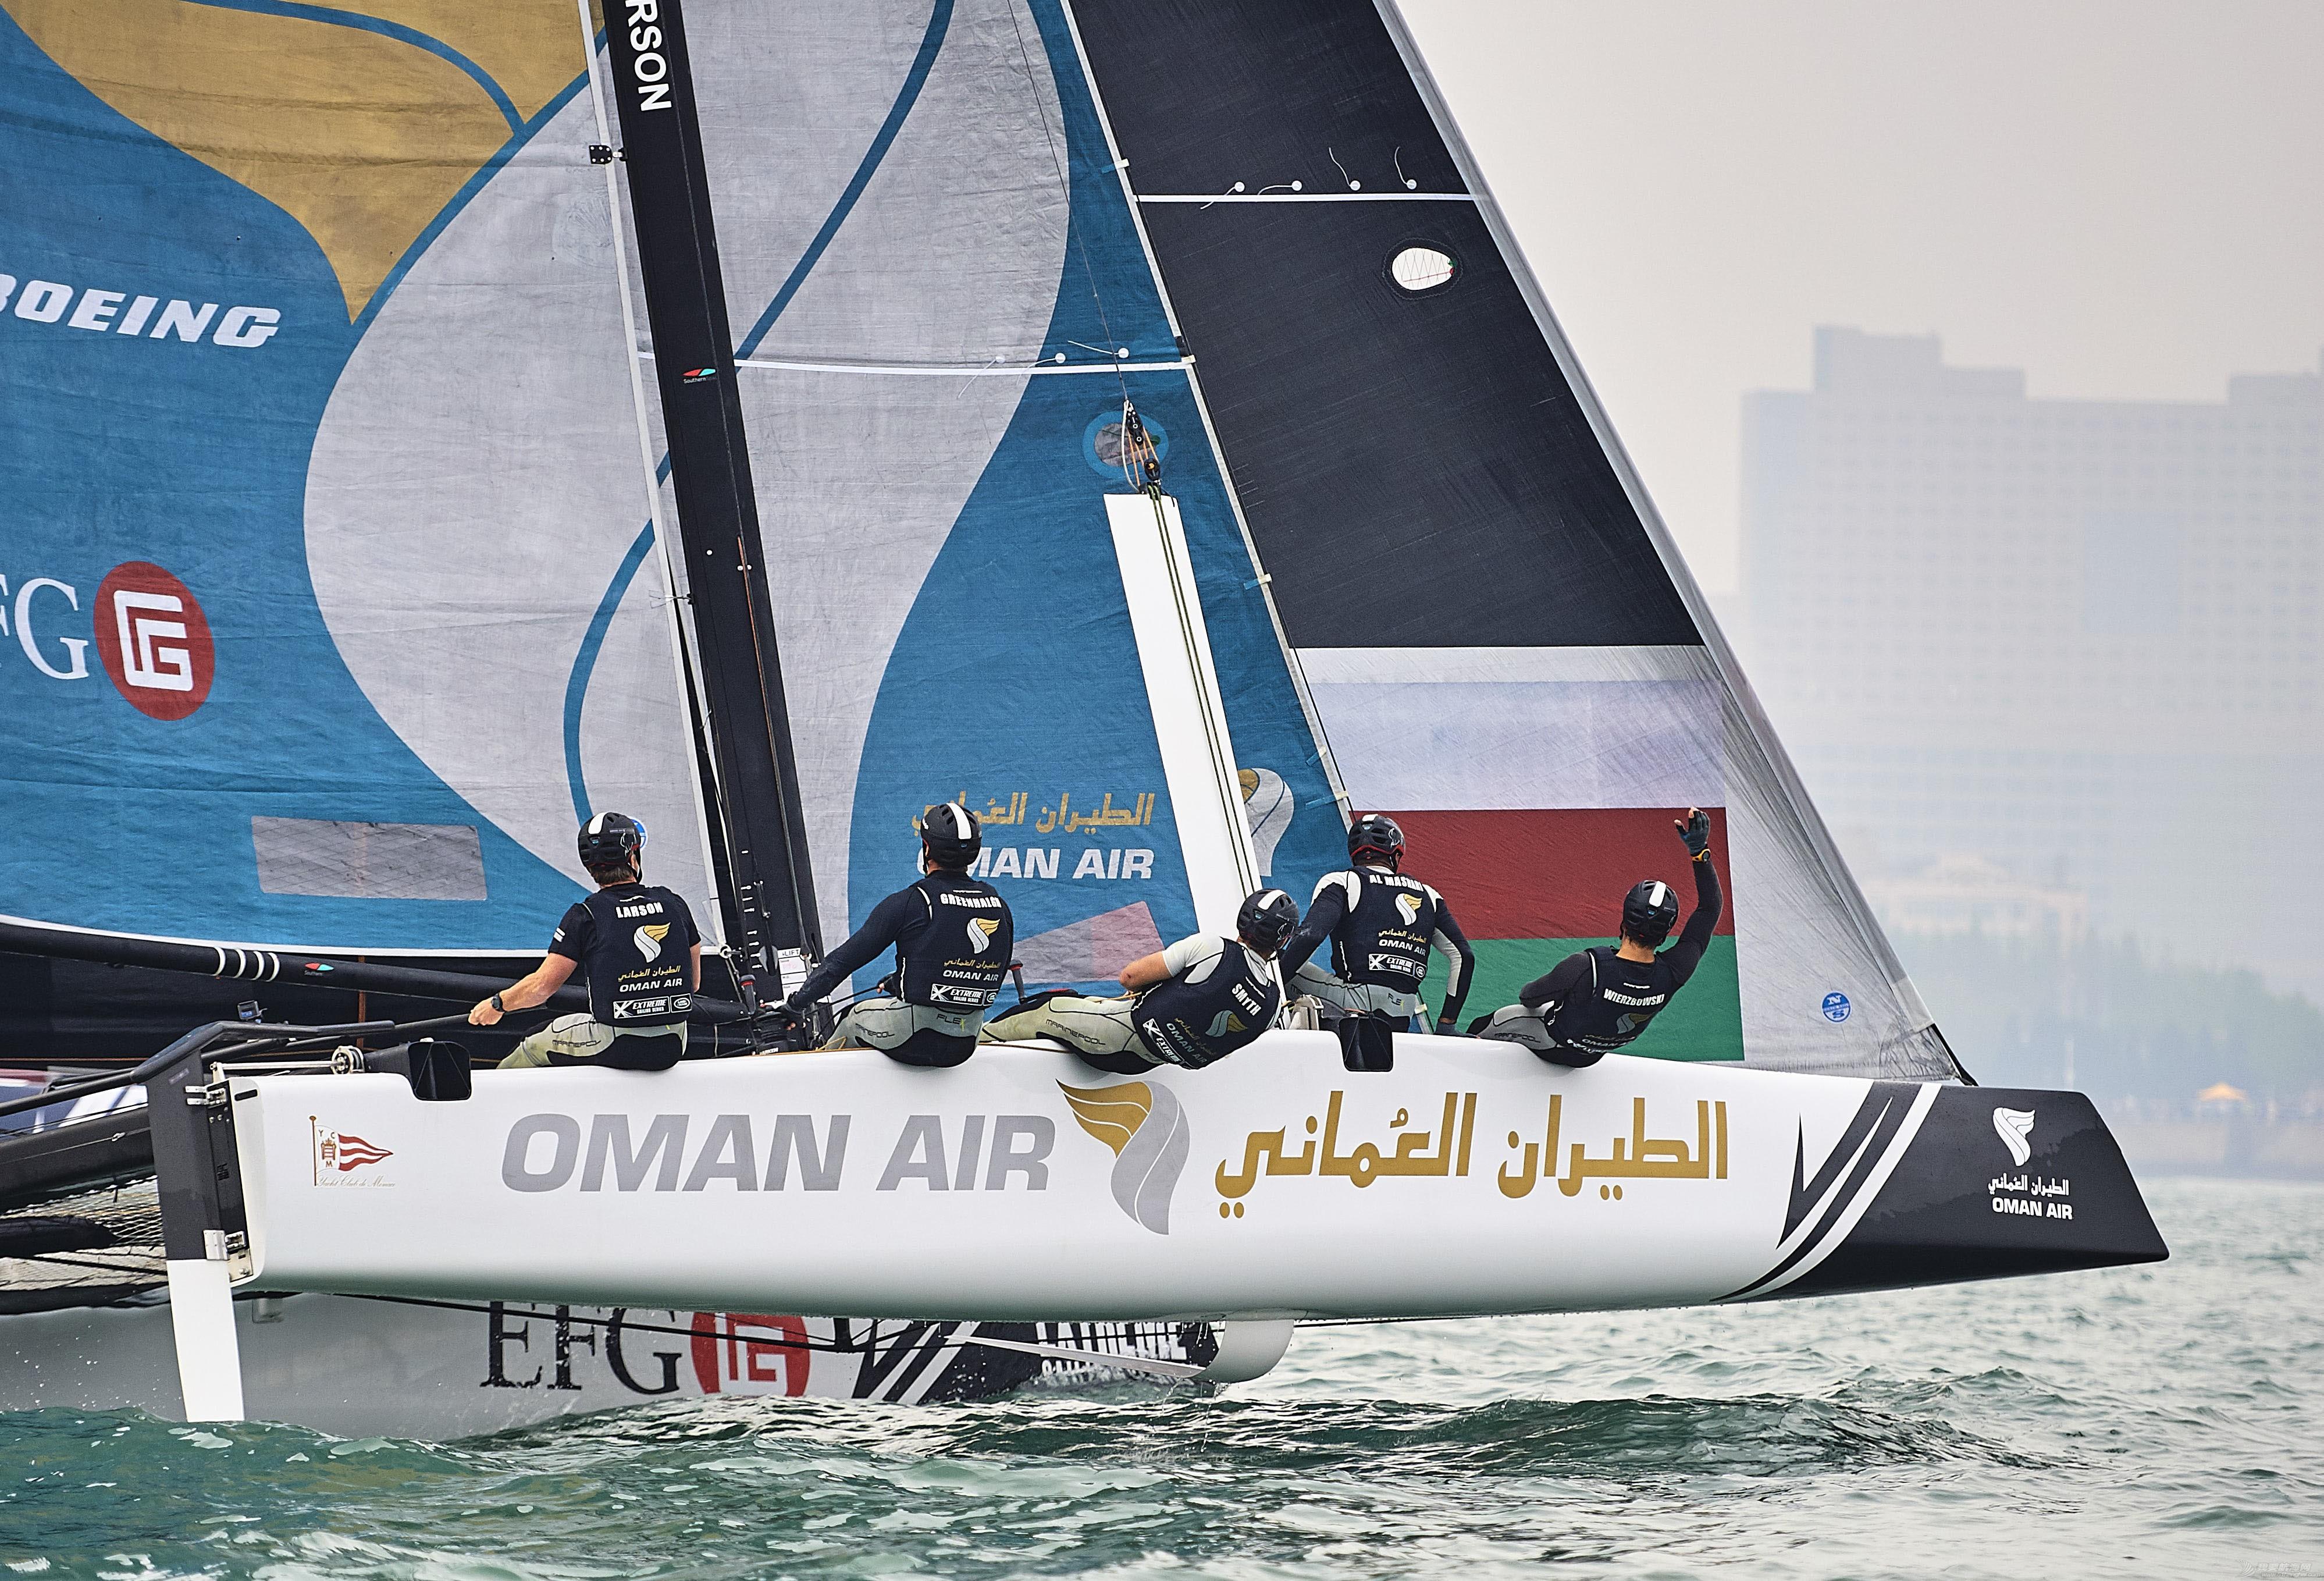 极限帆船系列赛青岛站进入最后一日比赛  阿曼航空队暂列第二  争取冠军 闃挎浖鑸┖闃熷湪闈掑矝绔欑洰鍓嶆帓鍚嶇浜